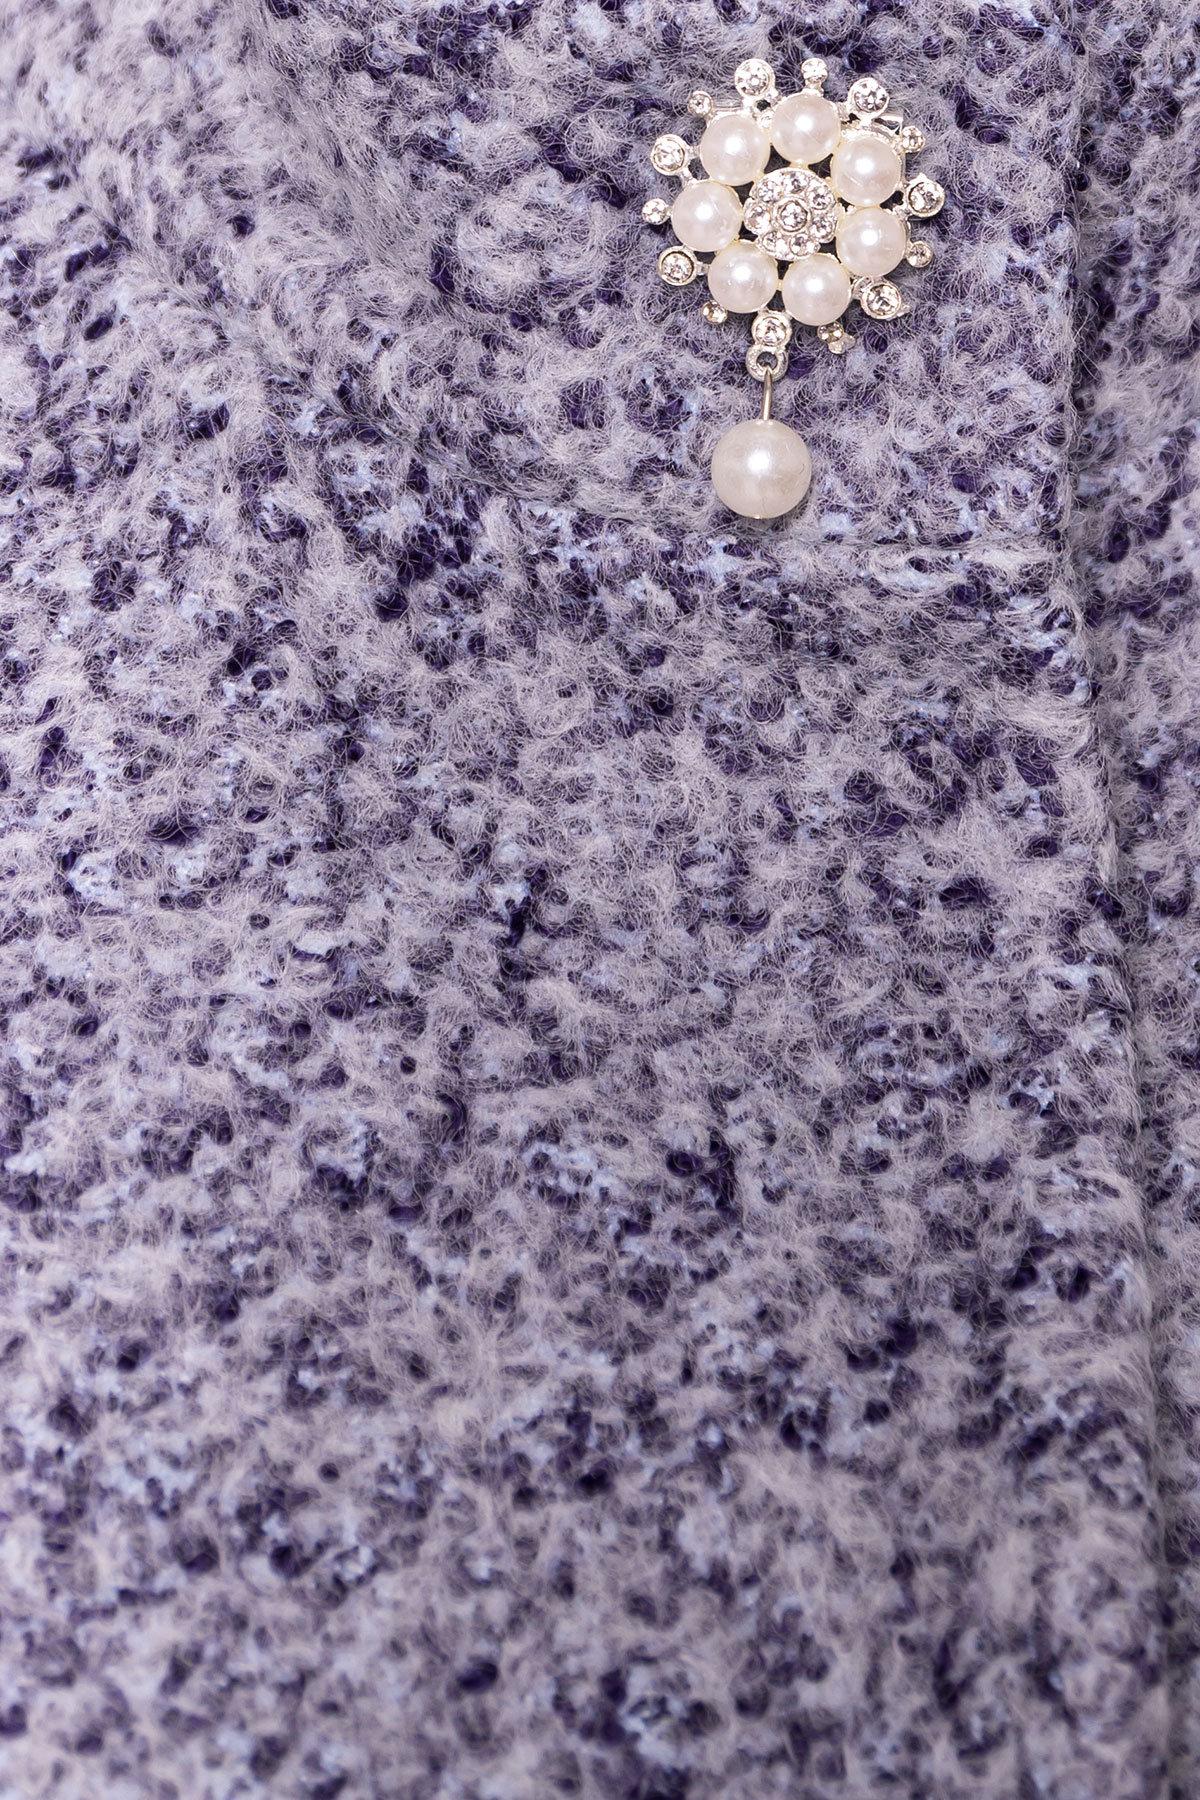 Пальто Мелини 0442 АРТ. 6778 Цвет: Серый - фото 5, интернет магазин tm-modus.ru